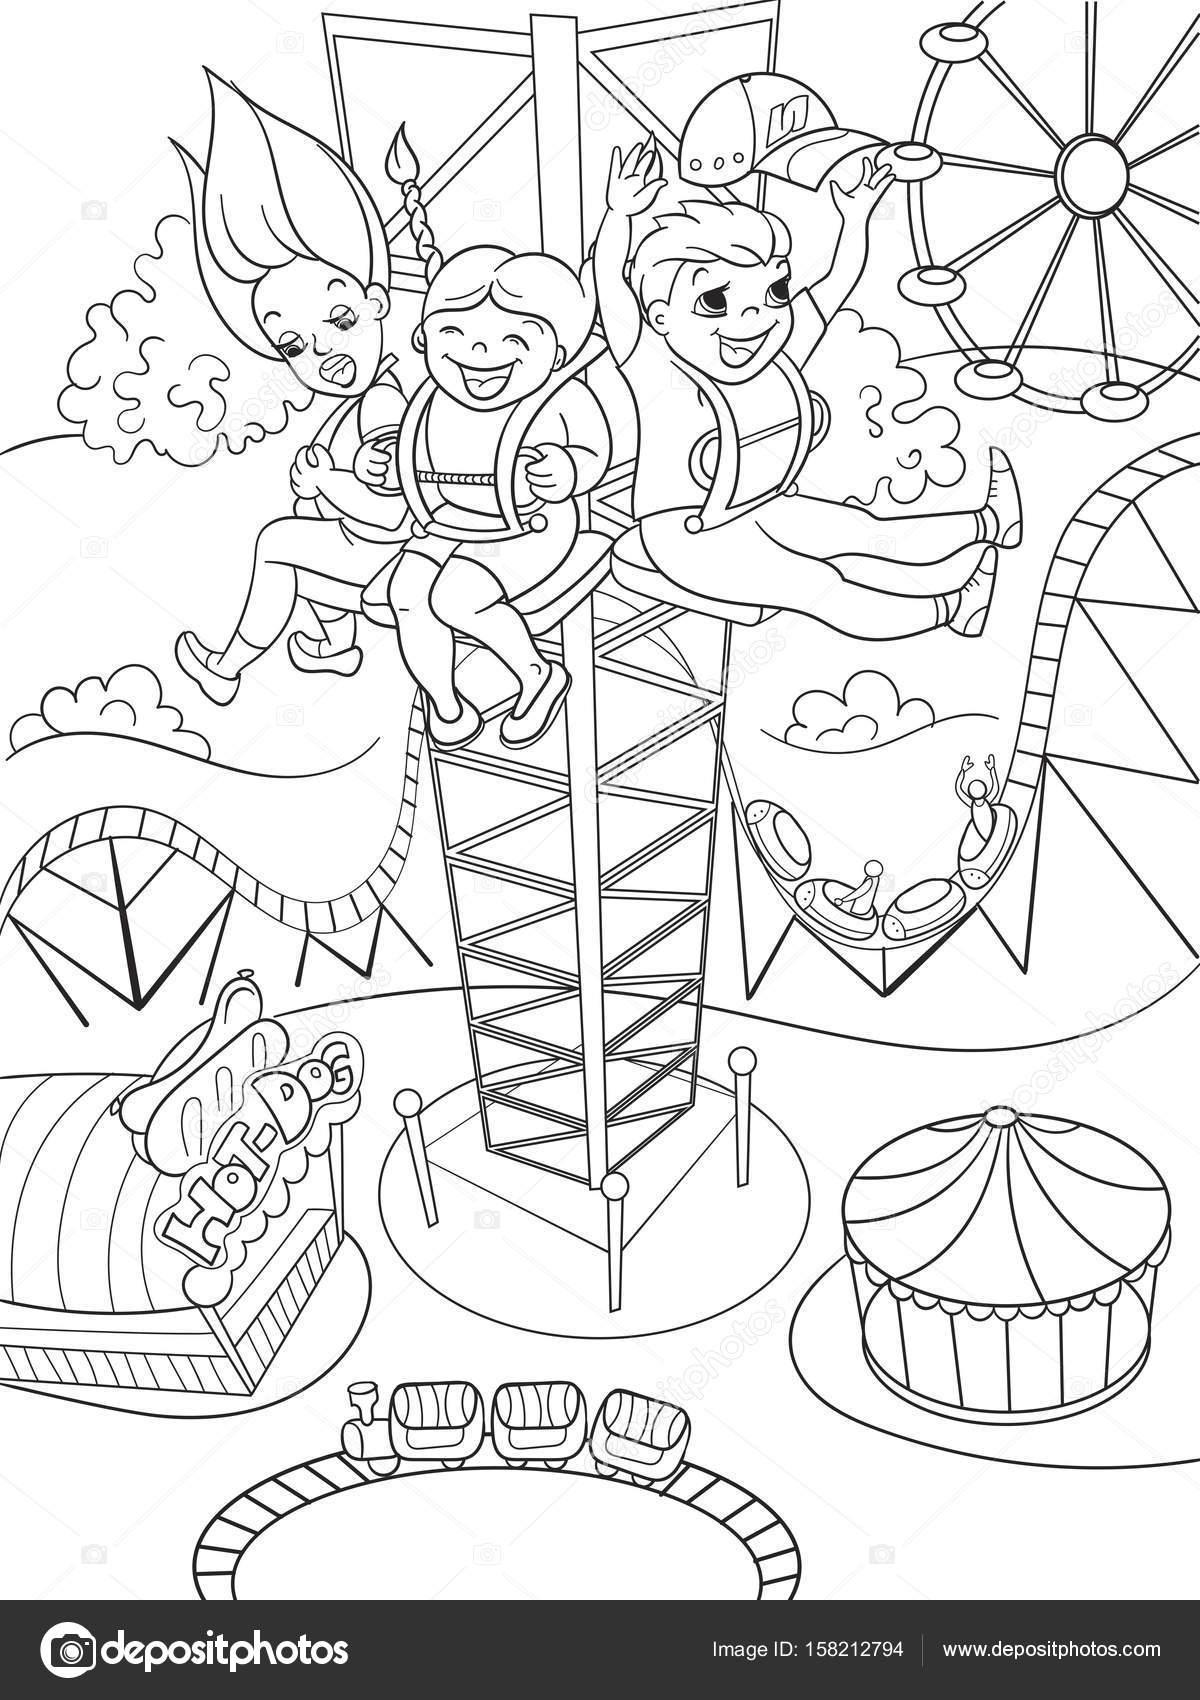 Animado Parque De Atracciones Para Colorear Emoción De Una Caída